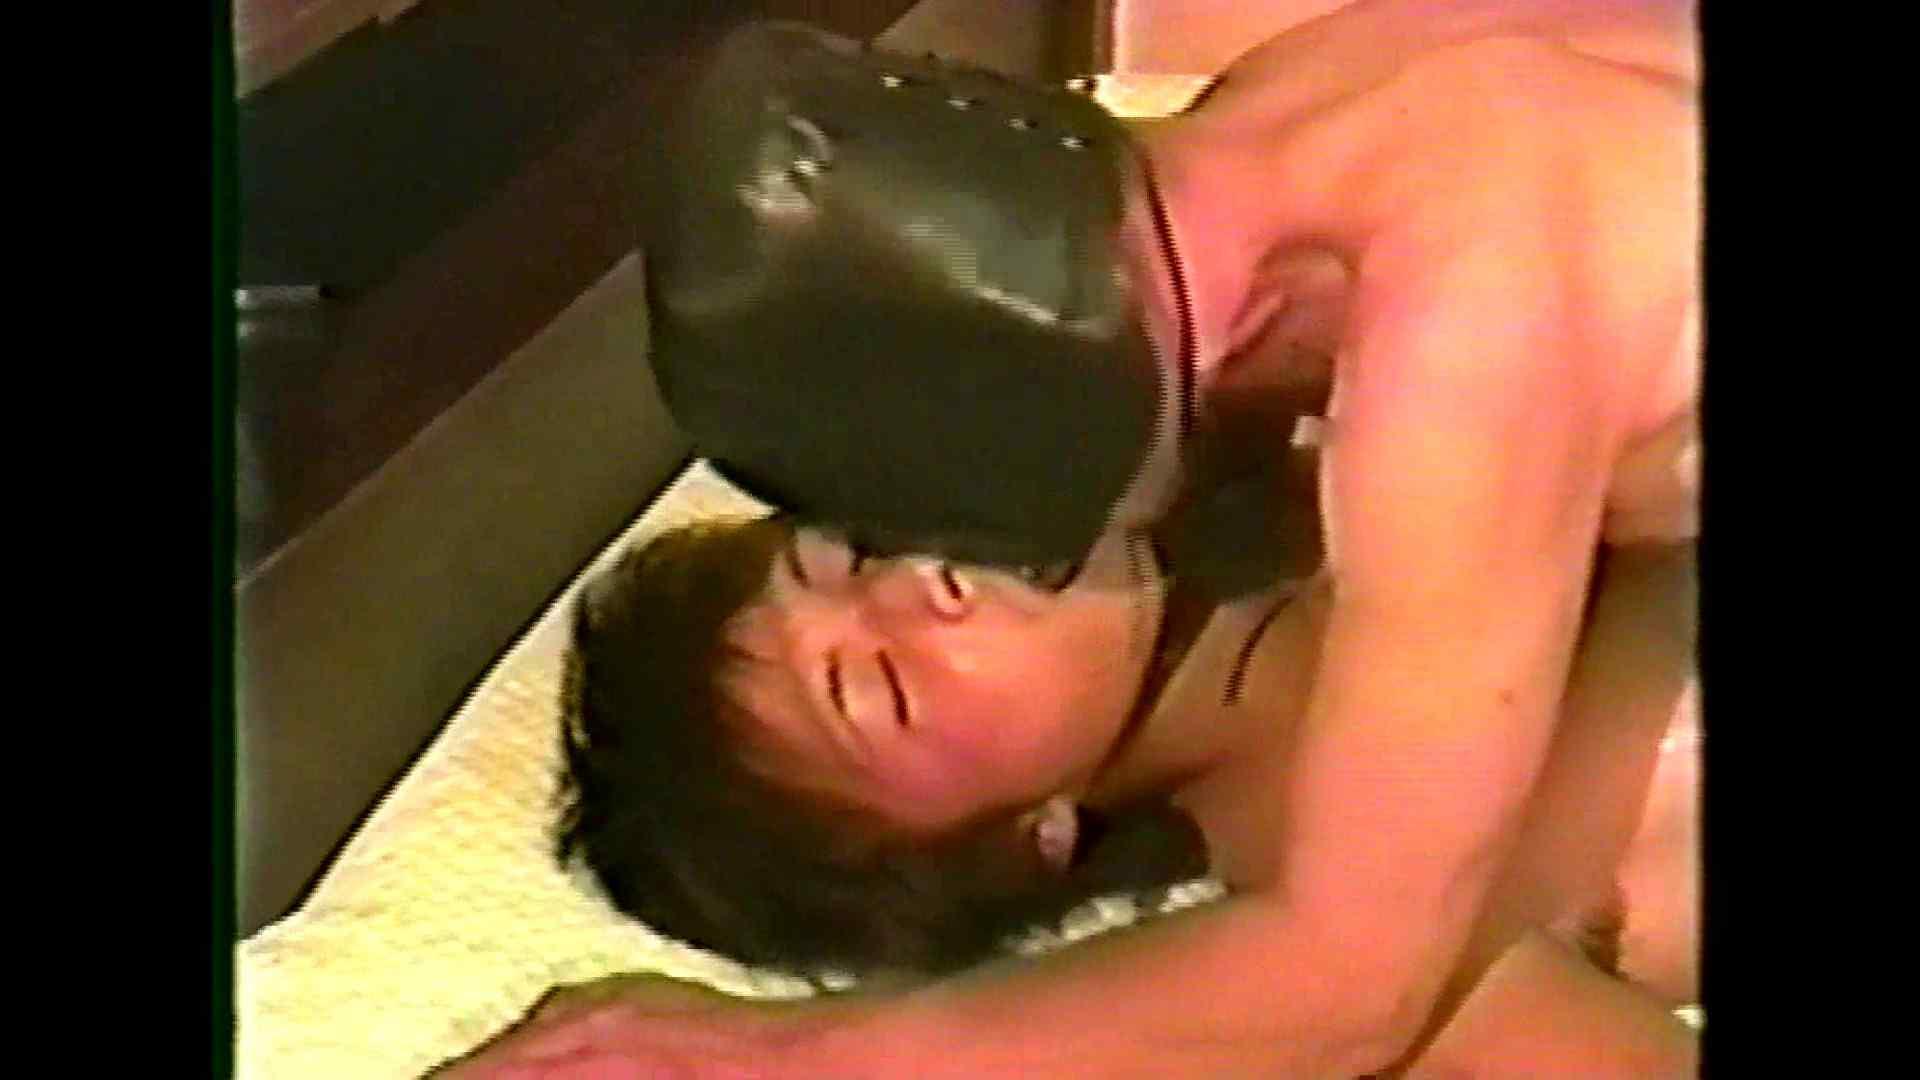 GAYBOY宏のオカズ倉庫Vol.3-2 完全無修正   GAY  101枚 13